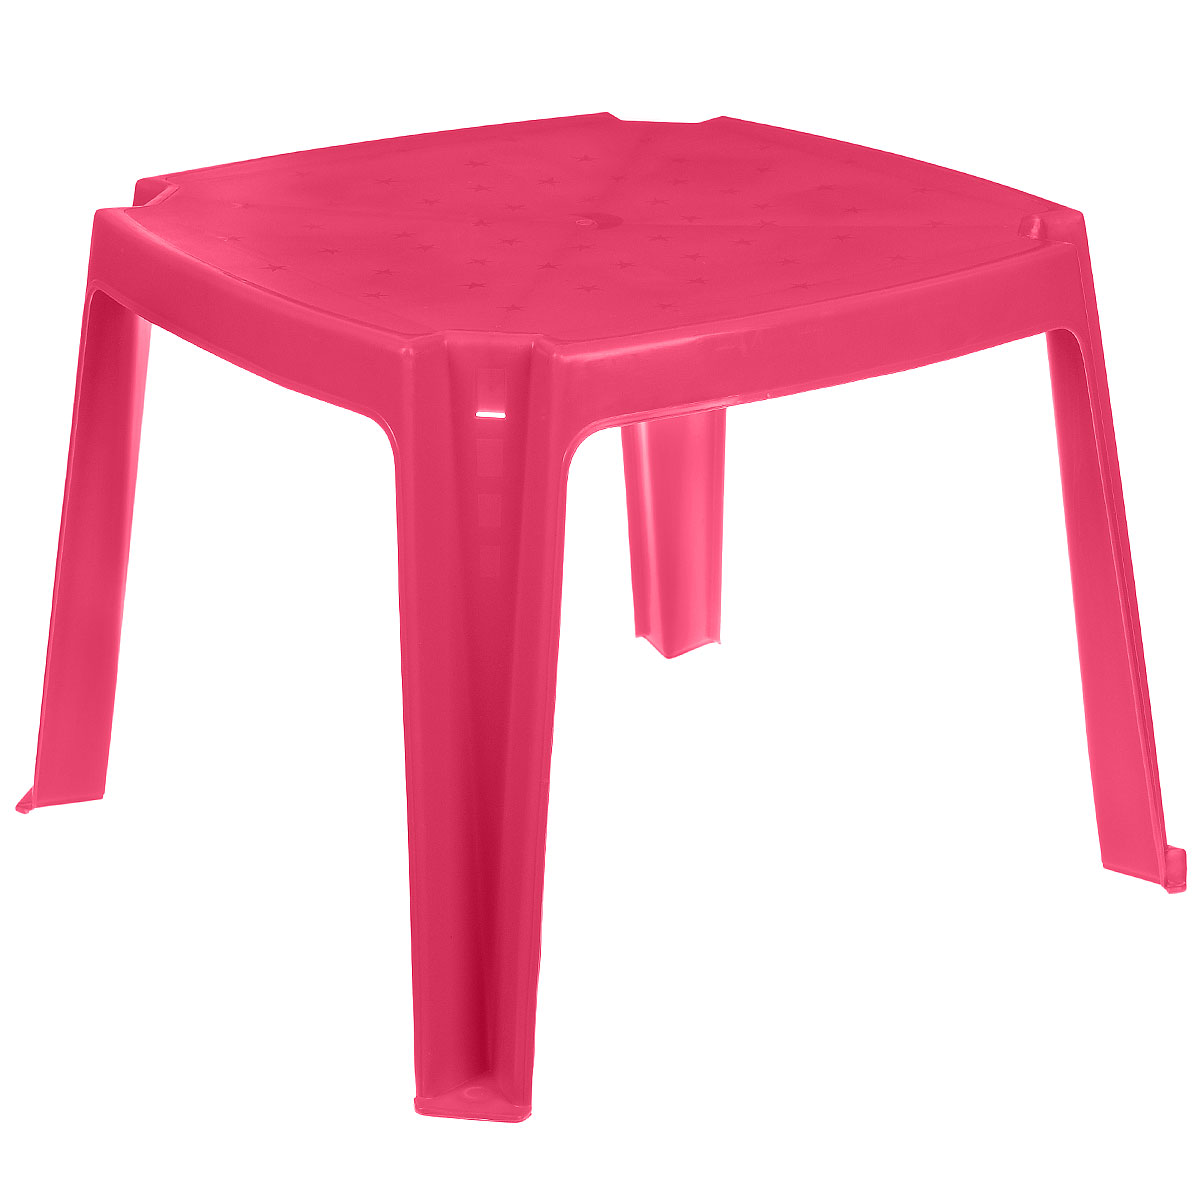 Стол детский  PalPlay , с карманами, цвет: розовый, 53 см х 53 см -  Детская мебель